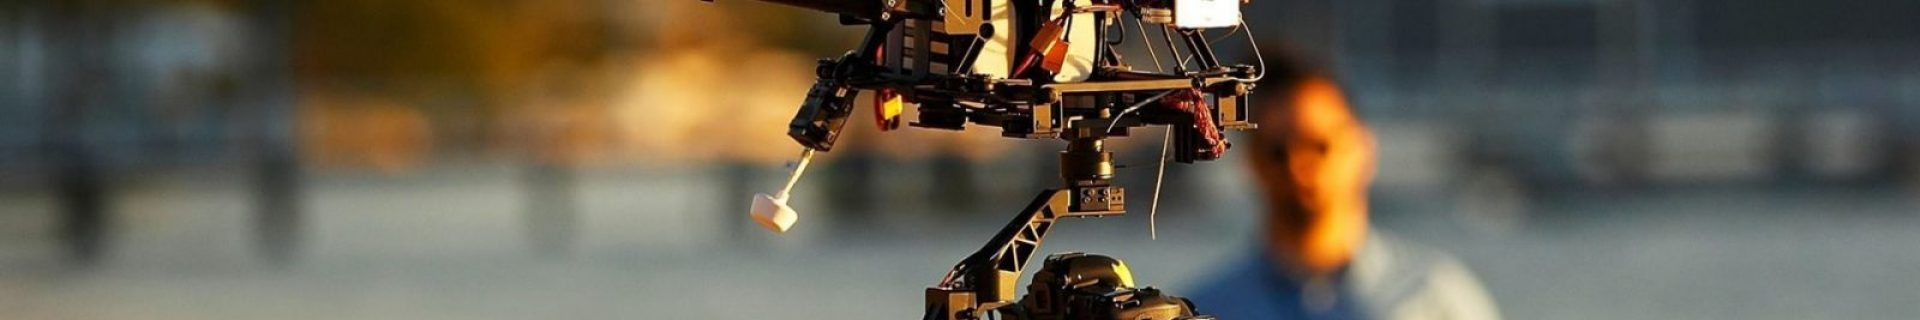 Riprese aeree, foto, ispezioni e misurazioni aeree con drone in %country%: i nostri professionisti sono operativi sul tutto il territorio.